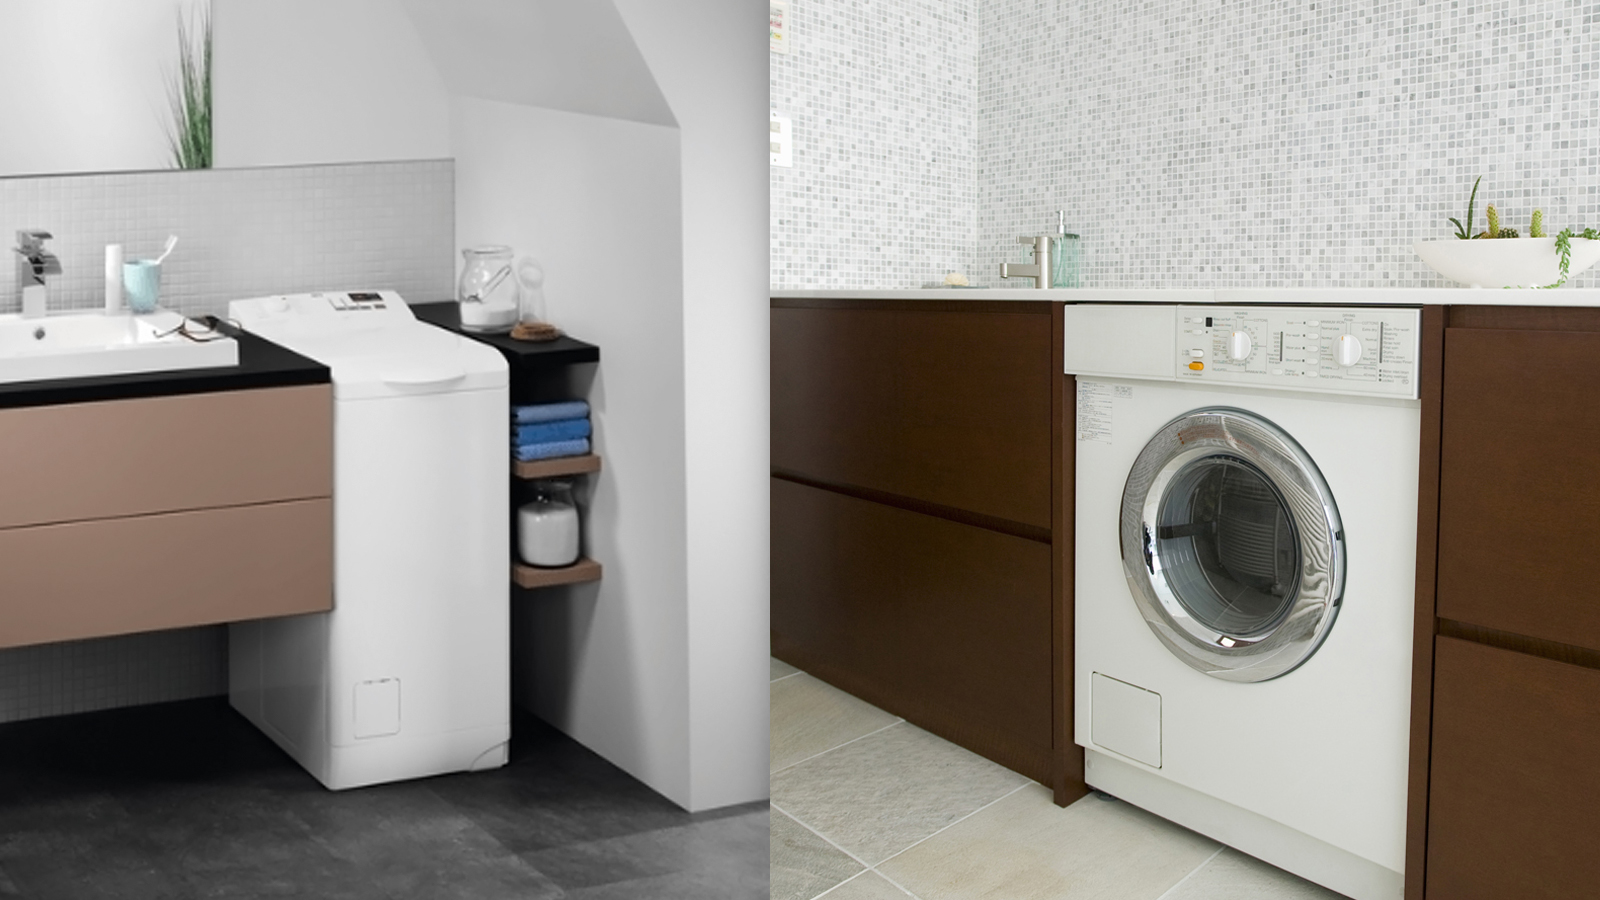 Toplader Waschmaschine 40 Cm : Frontlader oder toplader vor und nachteile der waschmaschinentypen